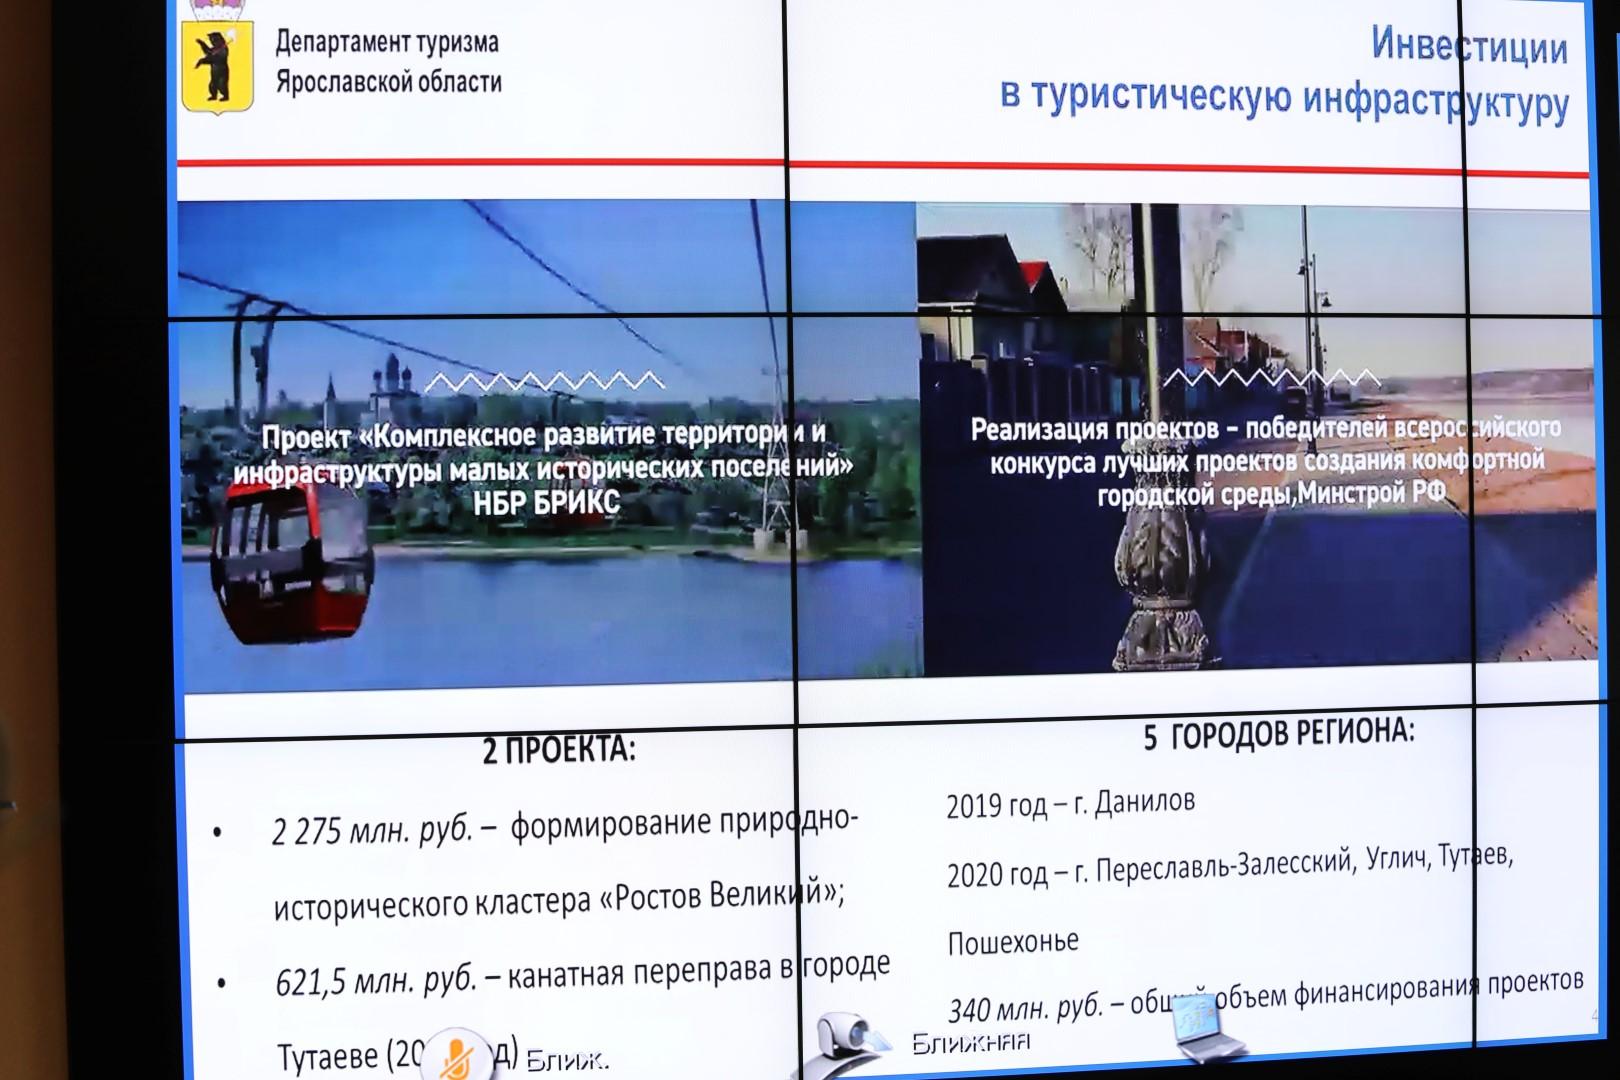 В Ярославской области за восемь месяцев побывали более миллиона туристов